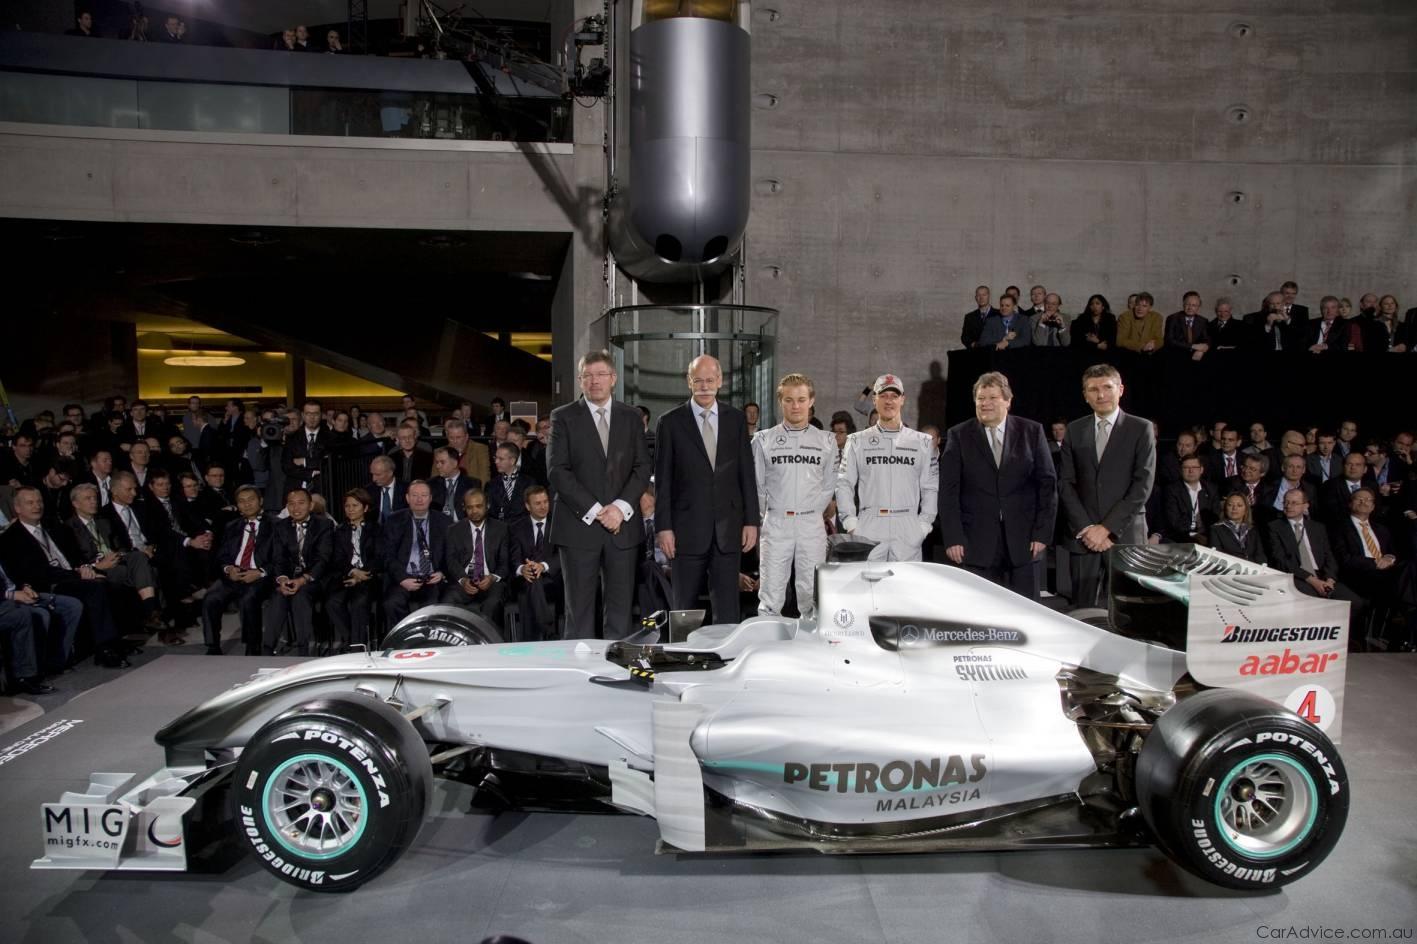 Mercedes benz presents mercedes gp petronas f1 team for Mercedes benz petronas